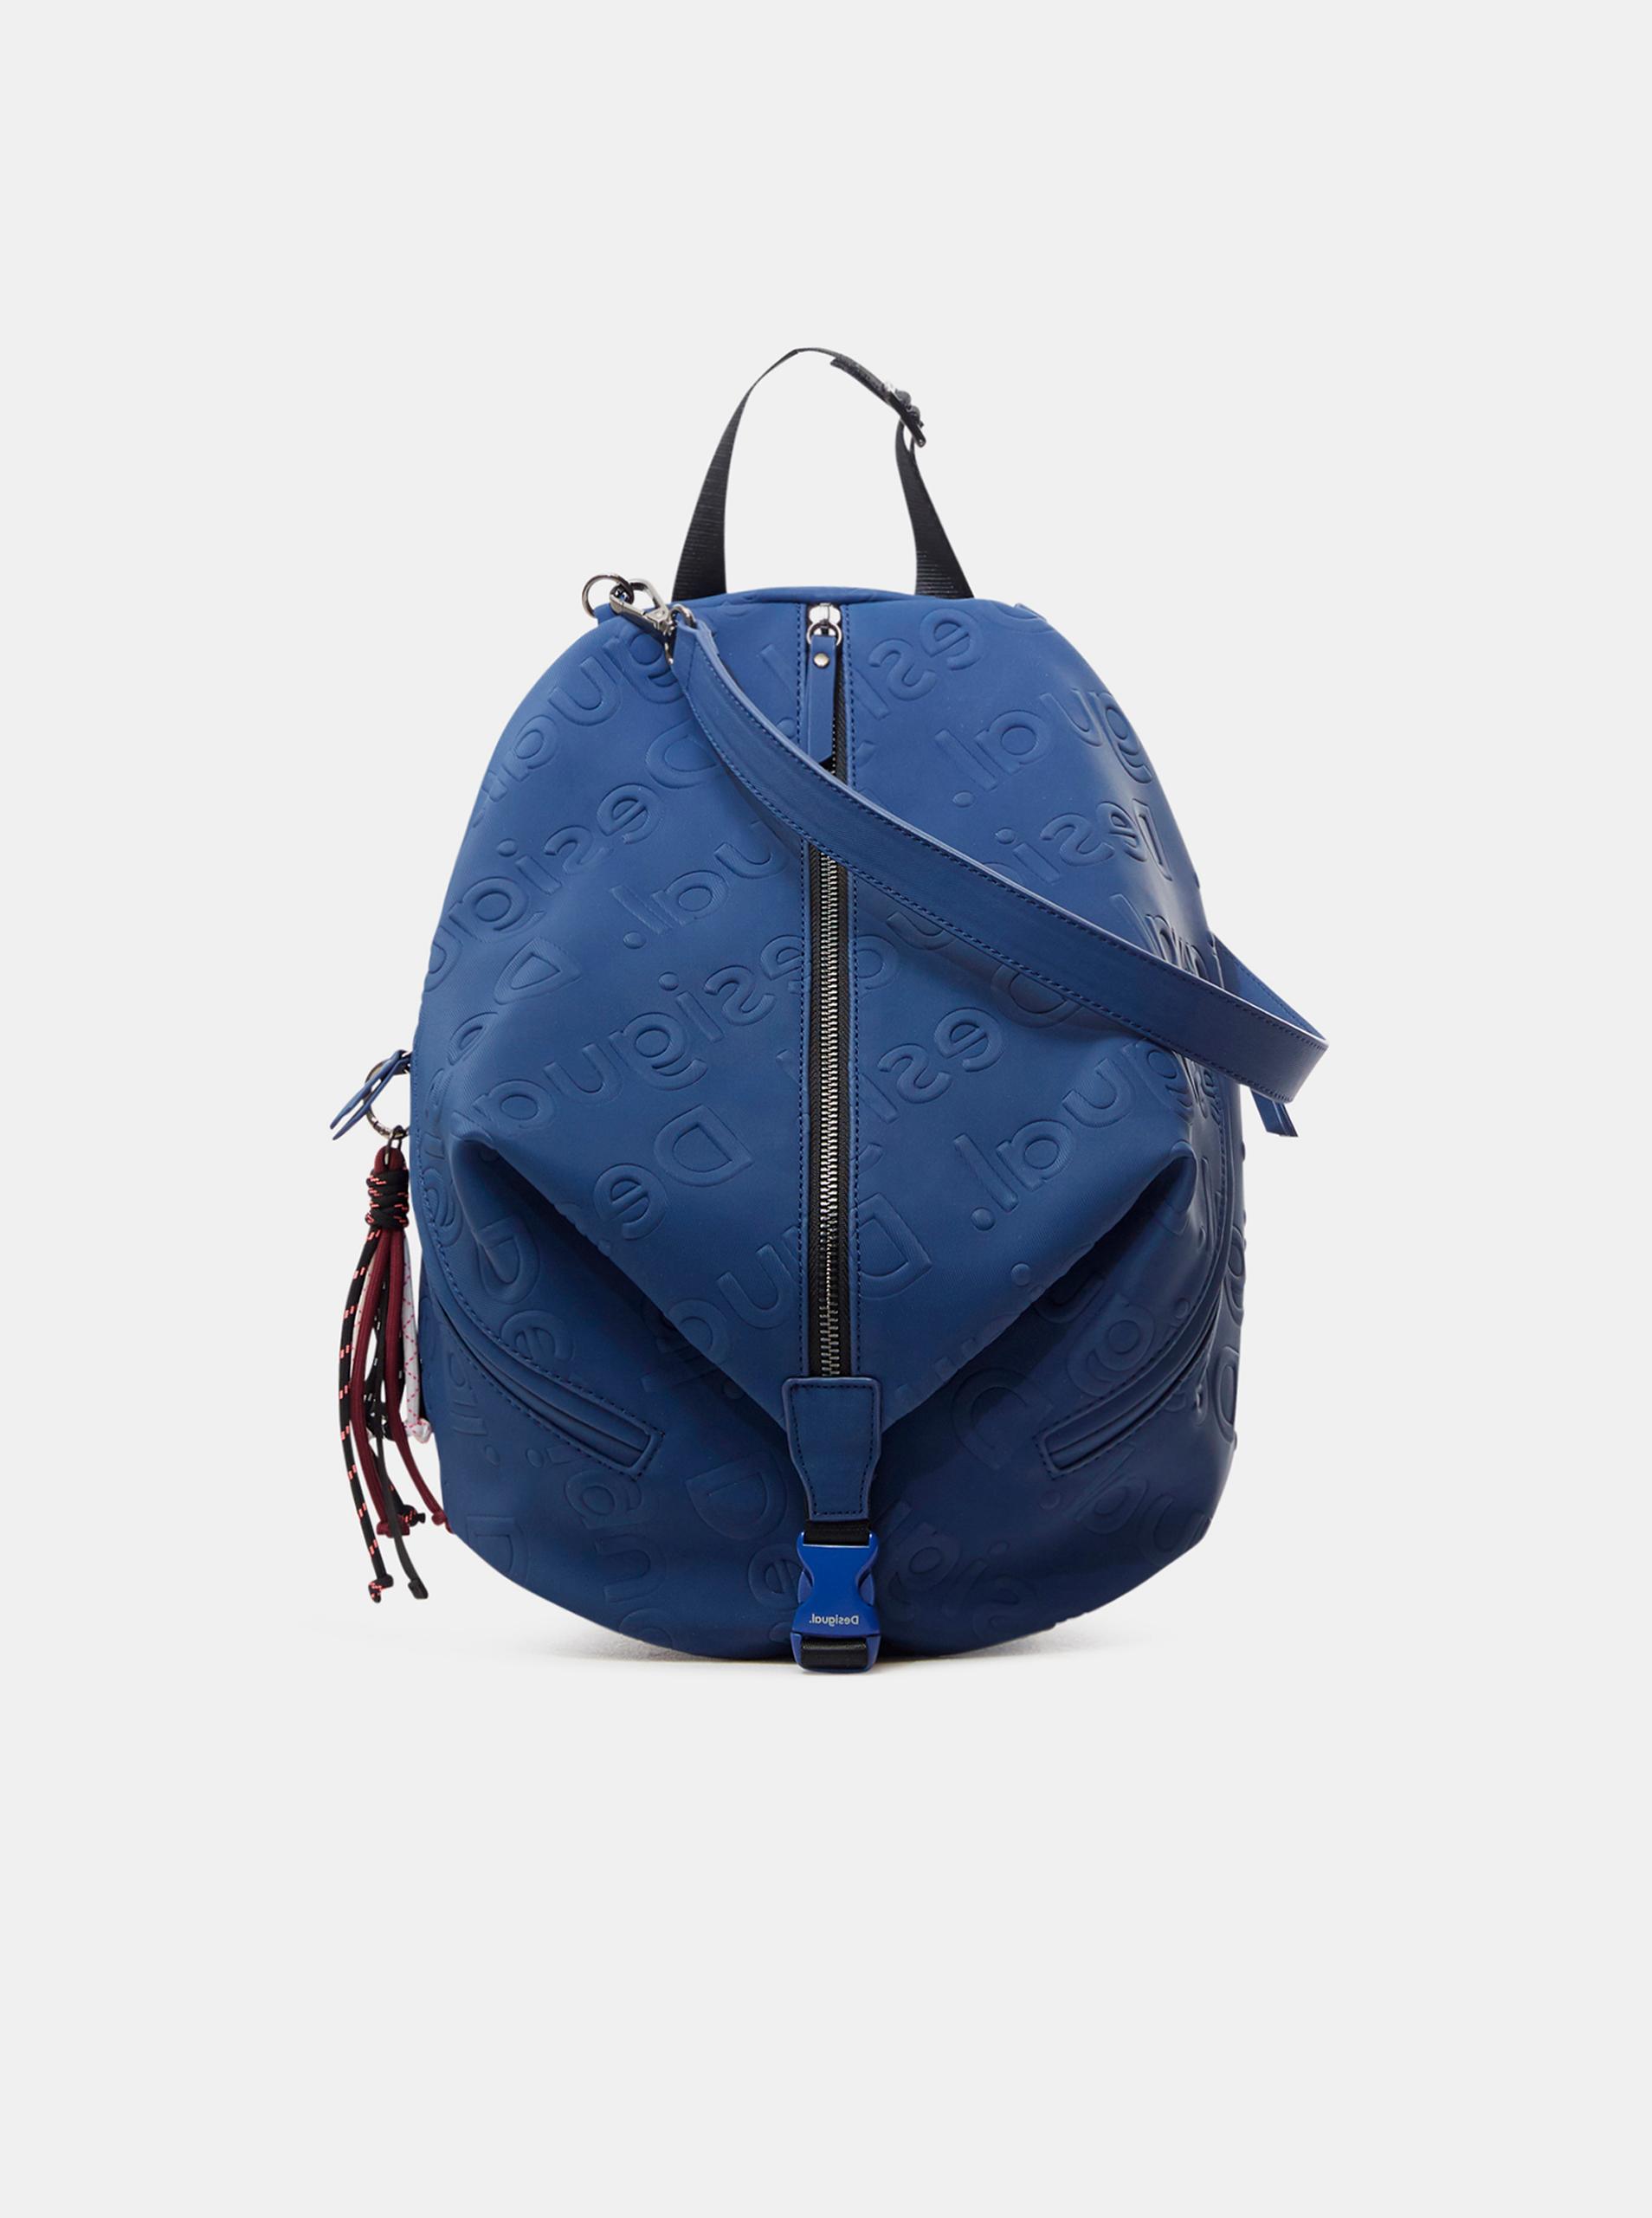 Modrý dámský vzorovaný batoh Desigual Galia Viana Mini